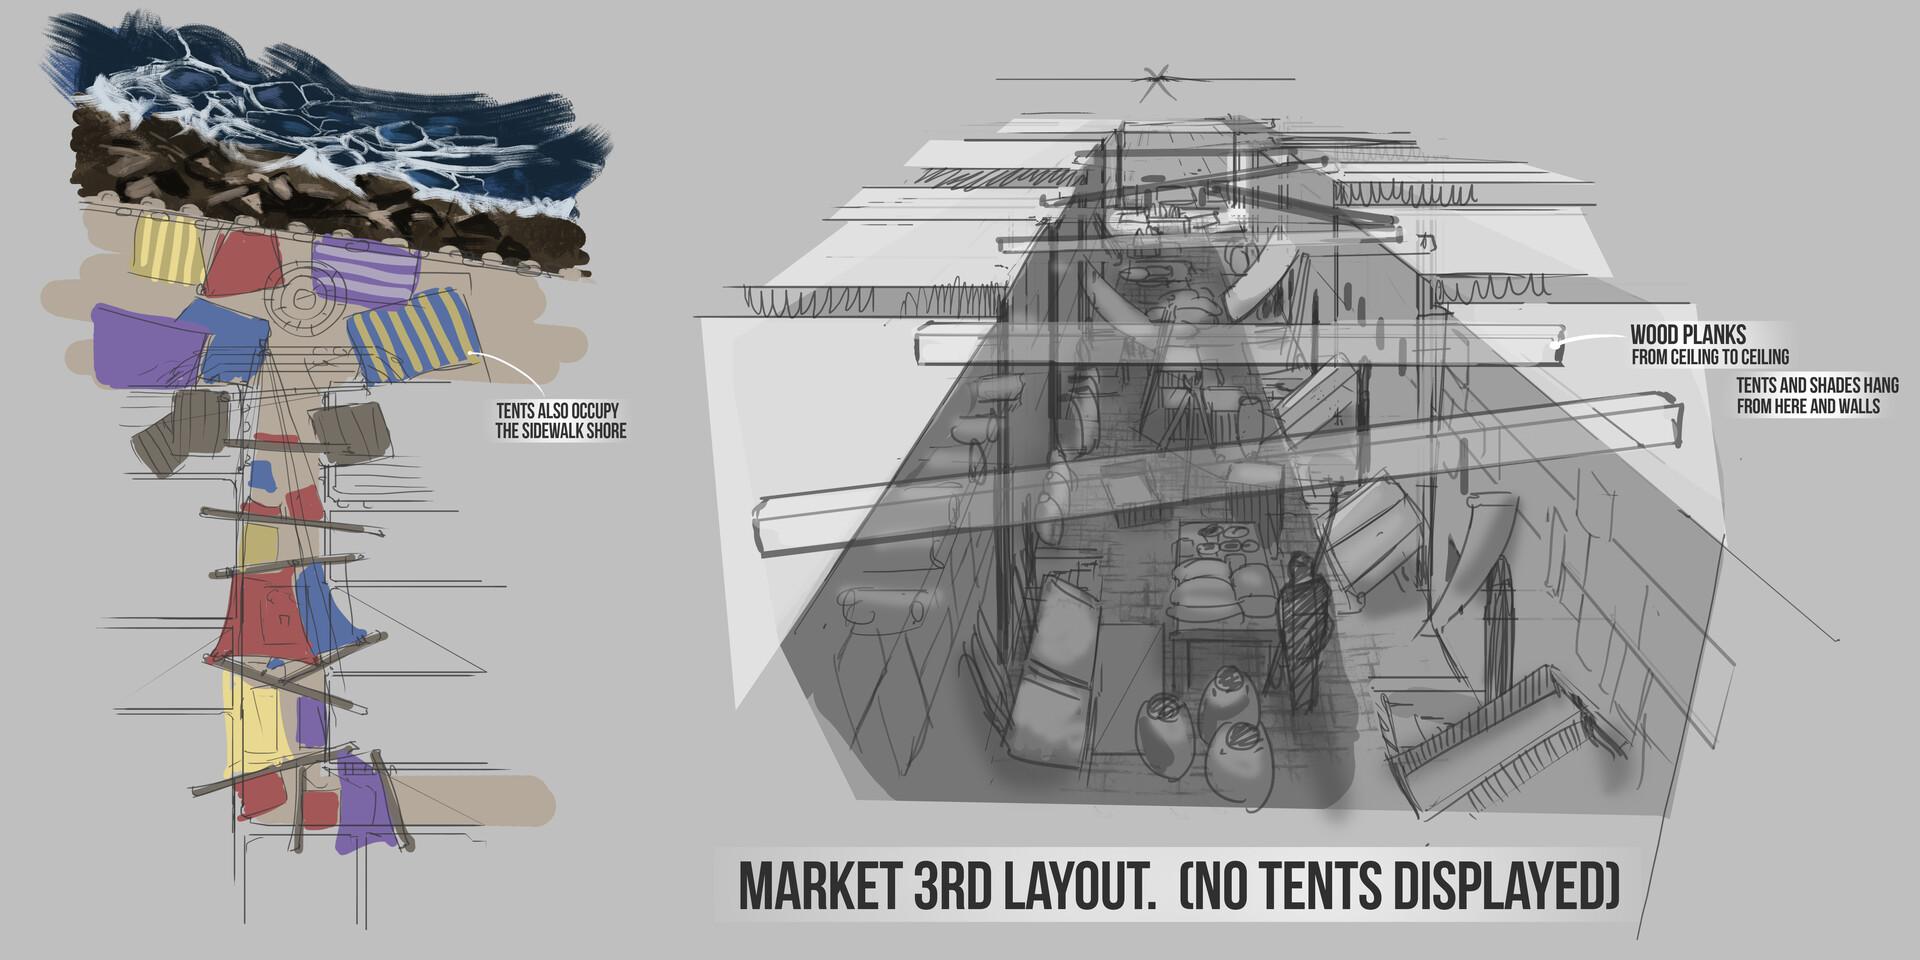 Ernesto sin market layout 3rd